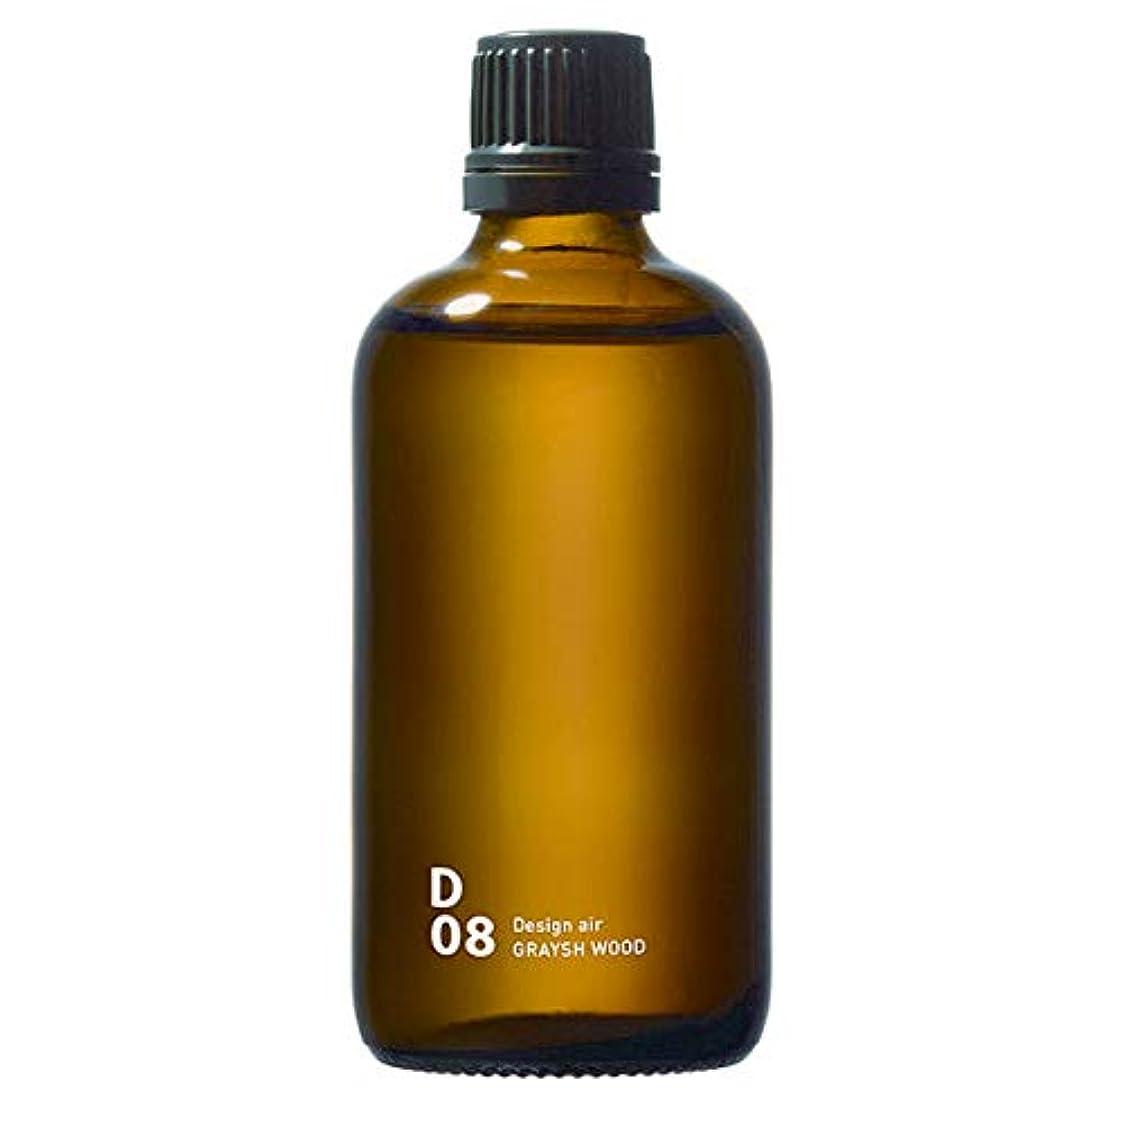 請うチョップインタビューD08 GRAYISH WOOD piezo aroma oil 100ml